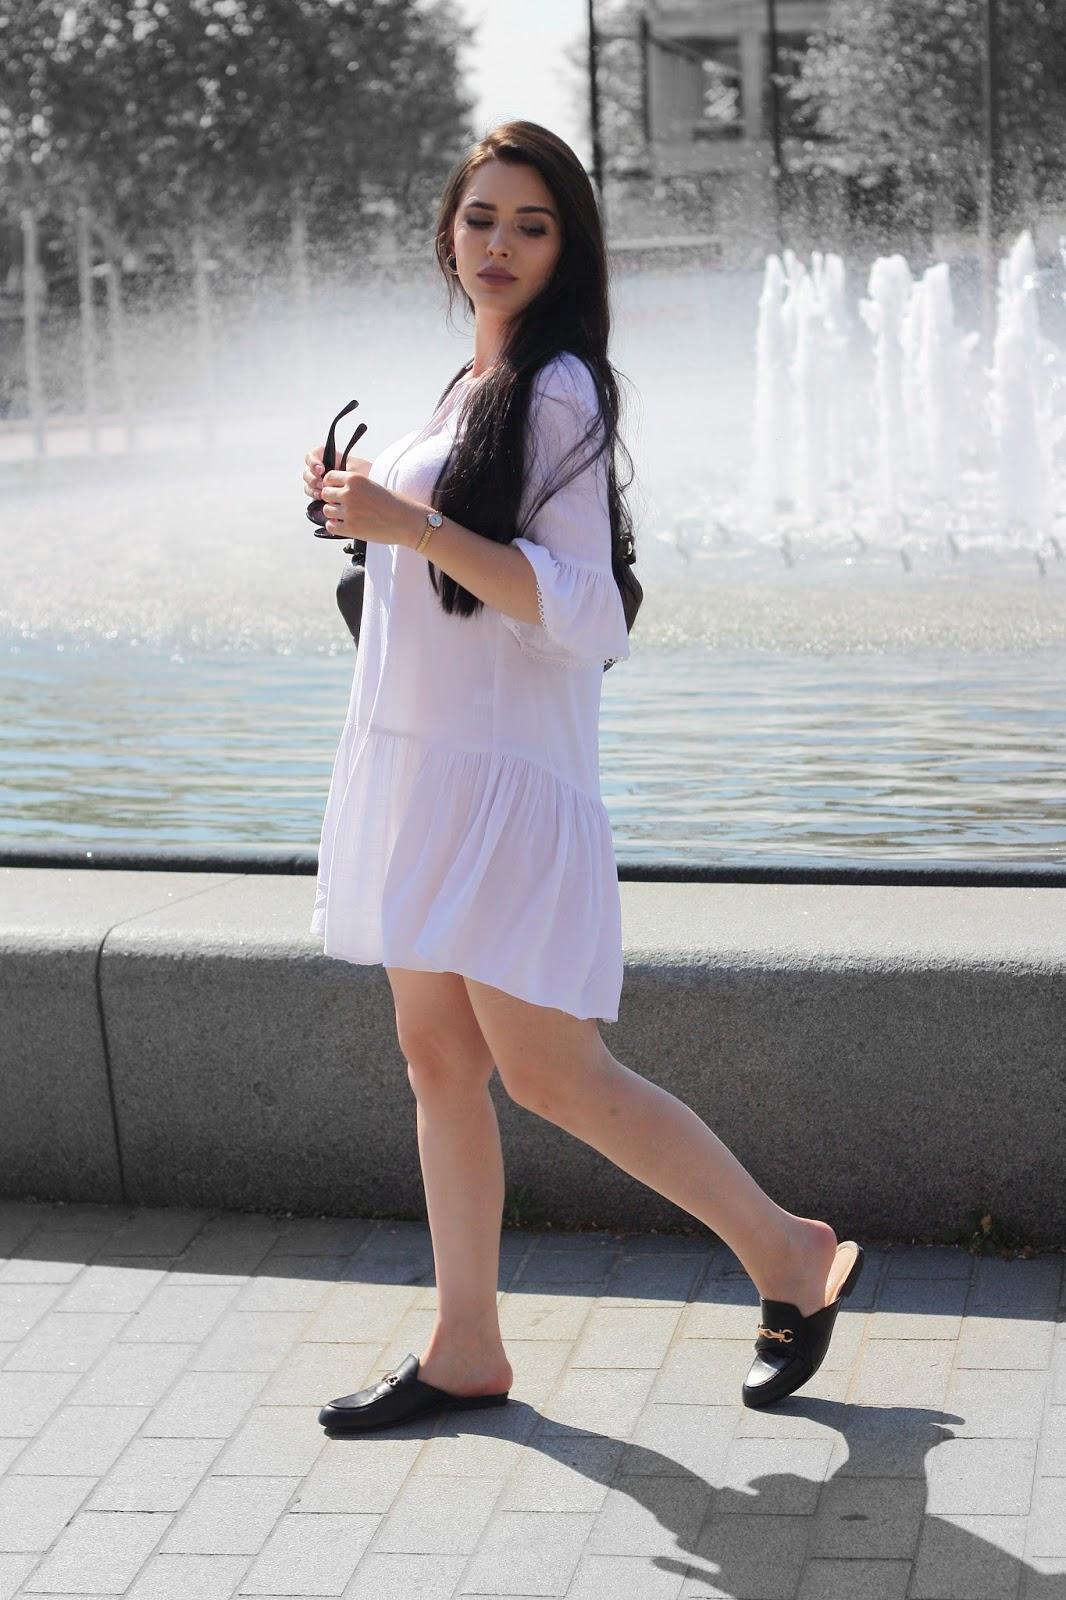 biała sukienka, dodatki do białej sukienki, buty do białej sukienki